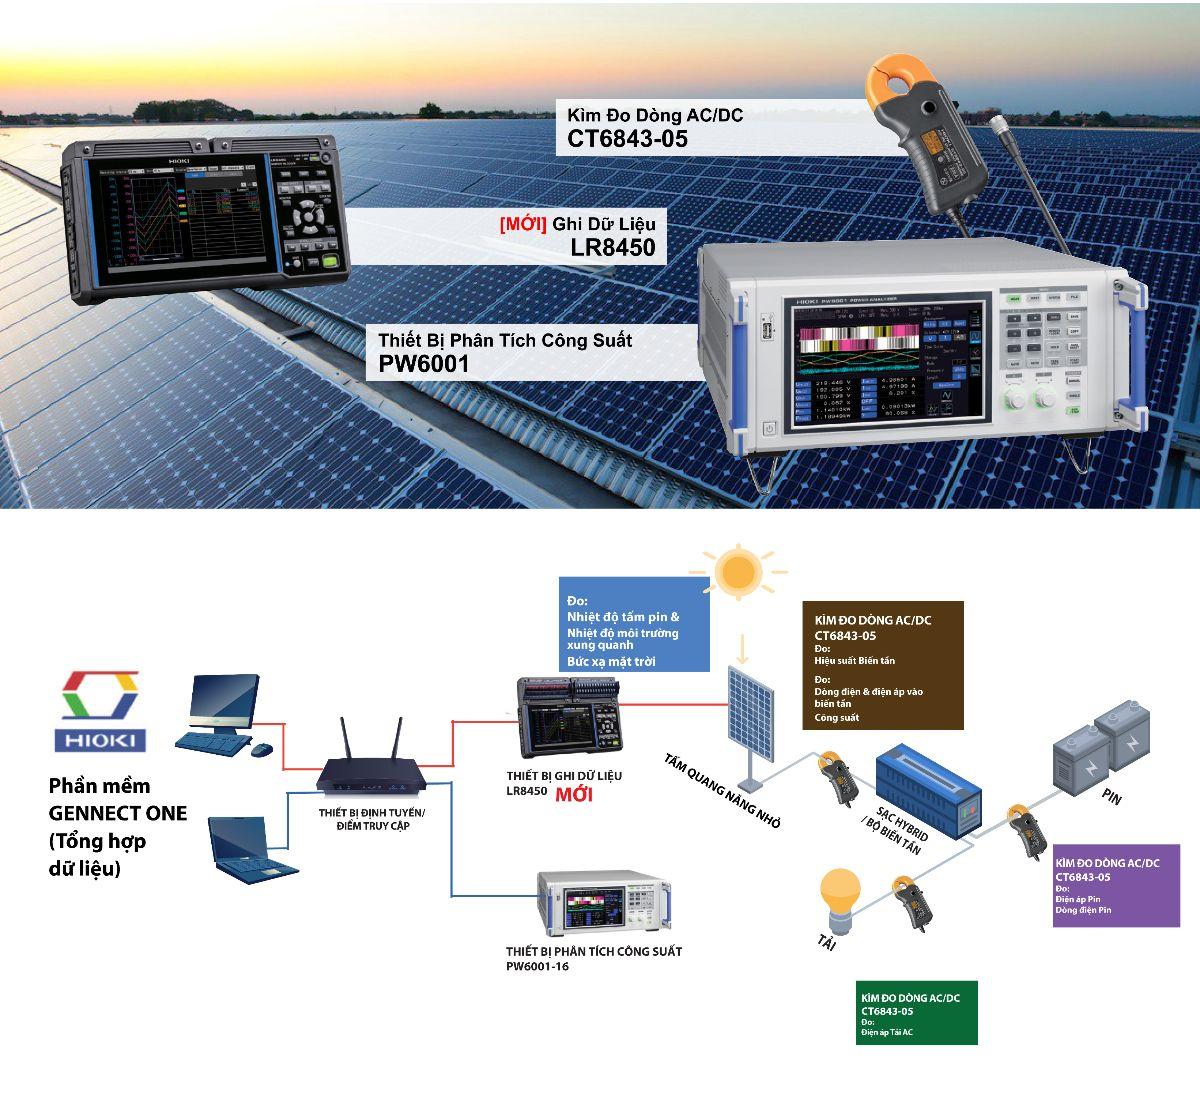 ứng dụng thiết bị hioki để đo và giám sát điện mặt trời